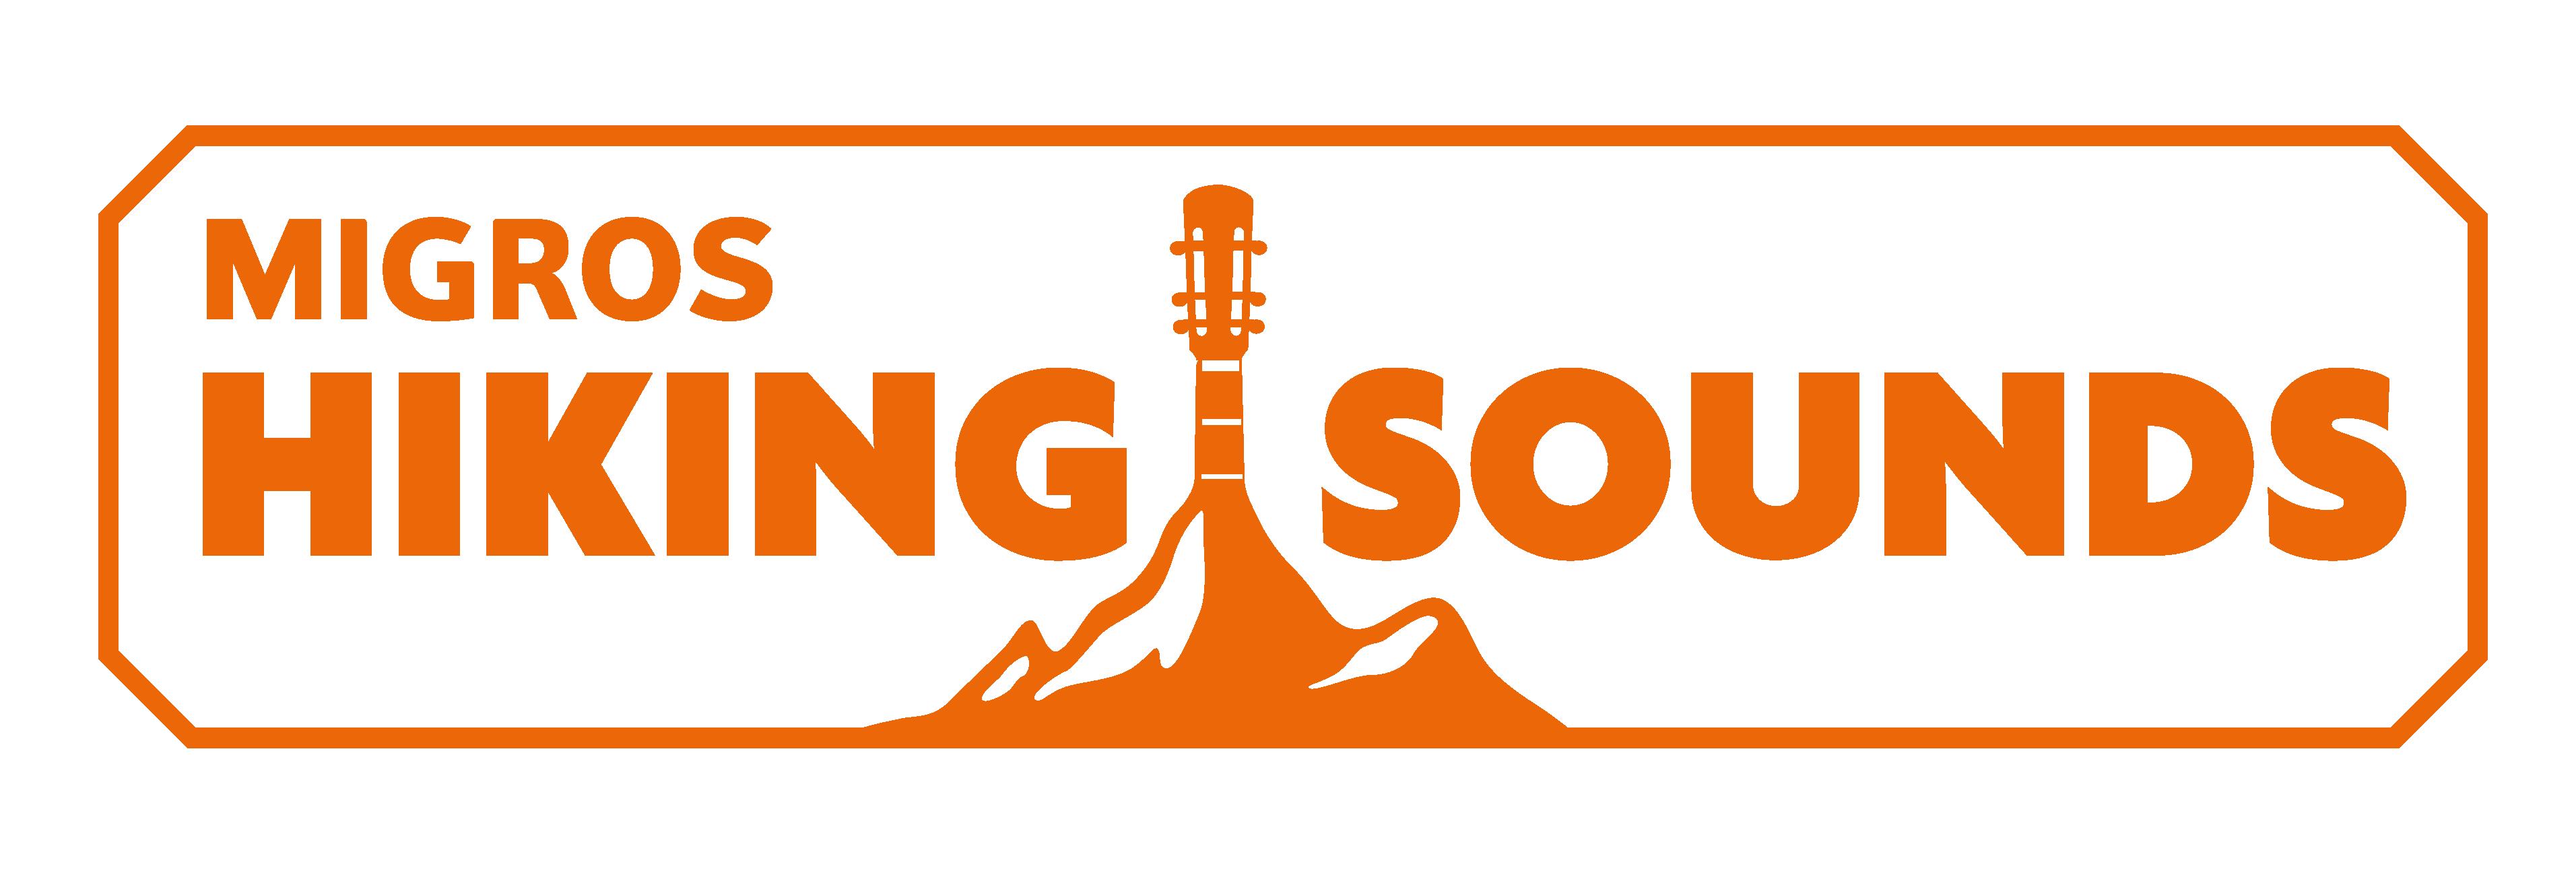 Migros Hiking Sounds Festival - Logo